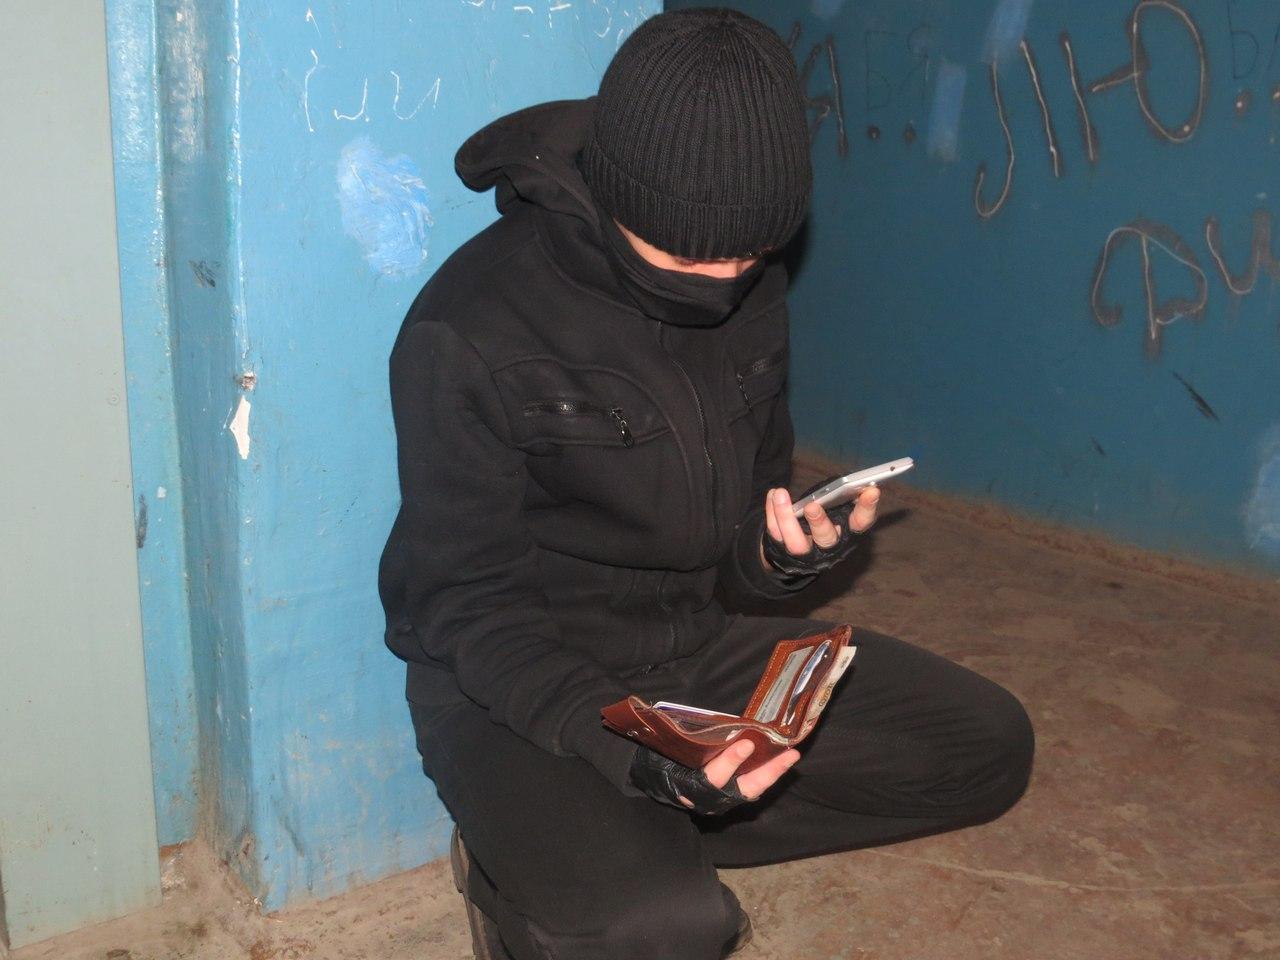 В Москве задержали лже-коммунальщиков из Рязани